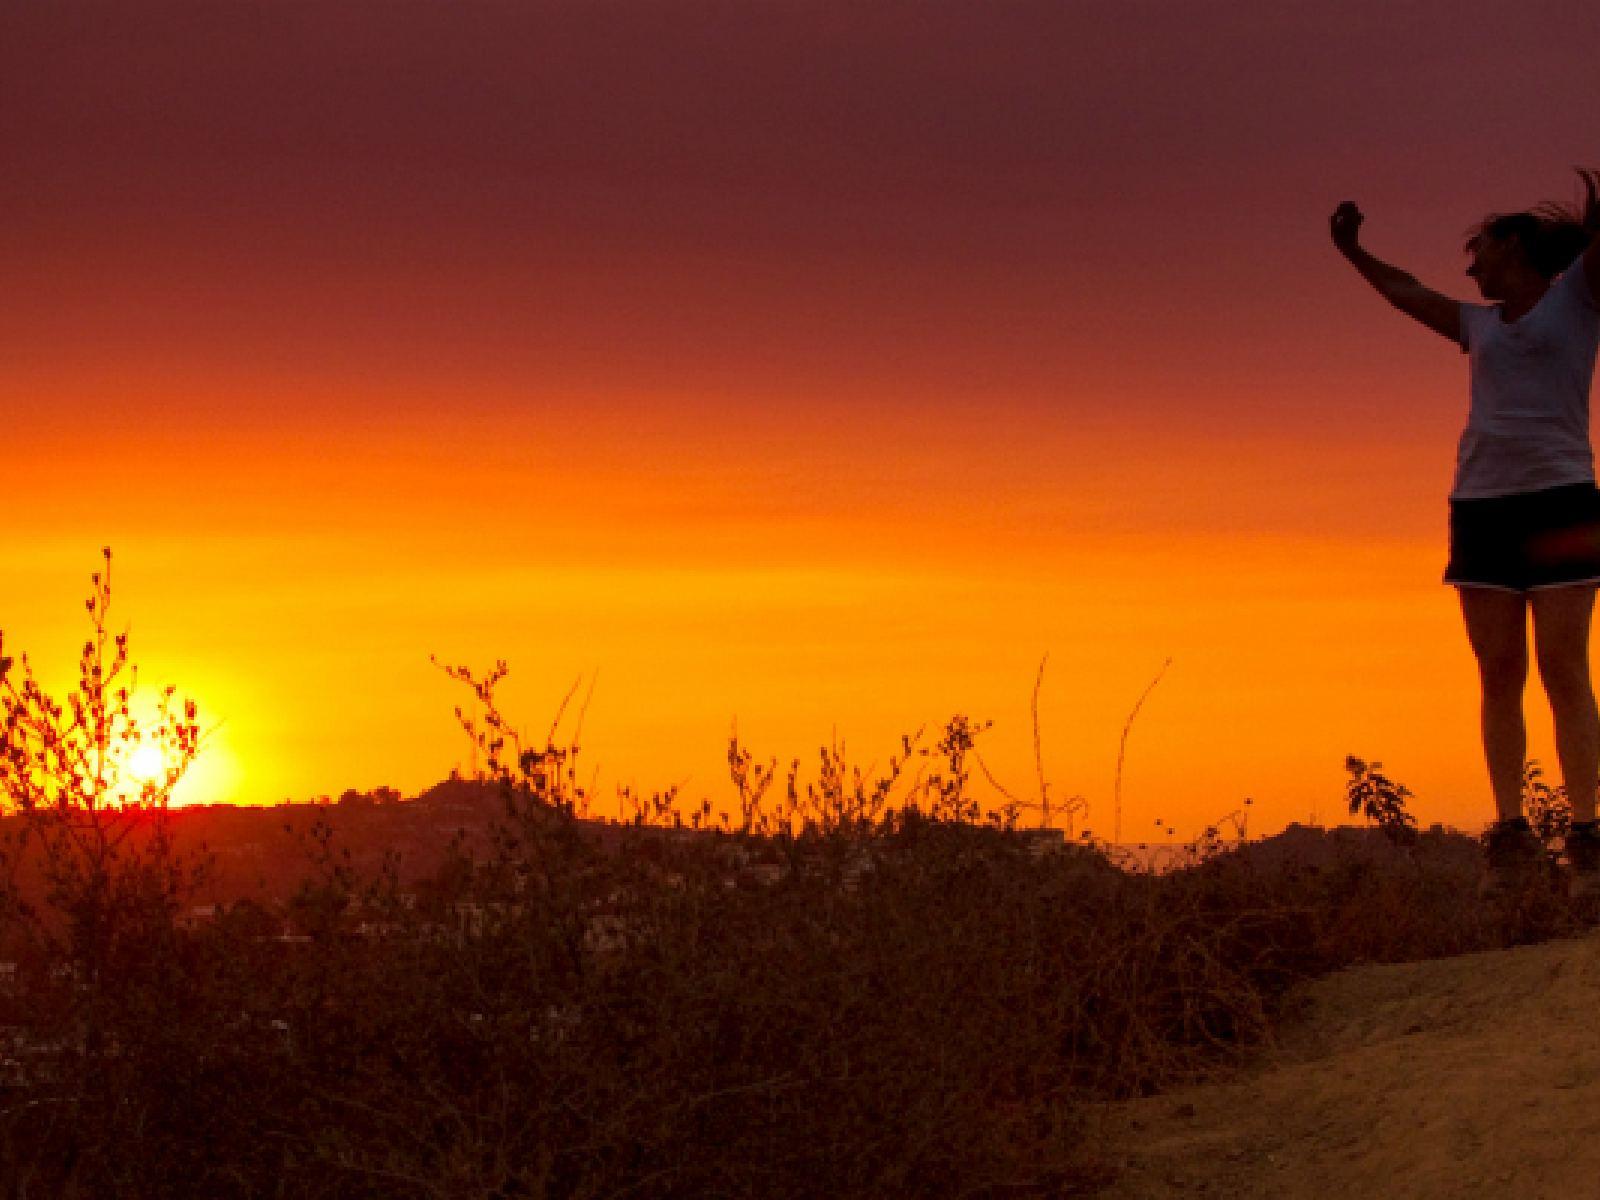 Main image for guide titled Profitez d'une première journée heureuse et saine à Los Angeles